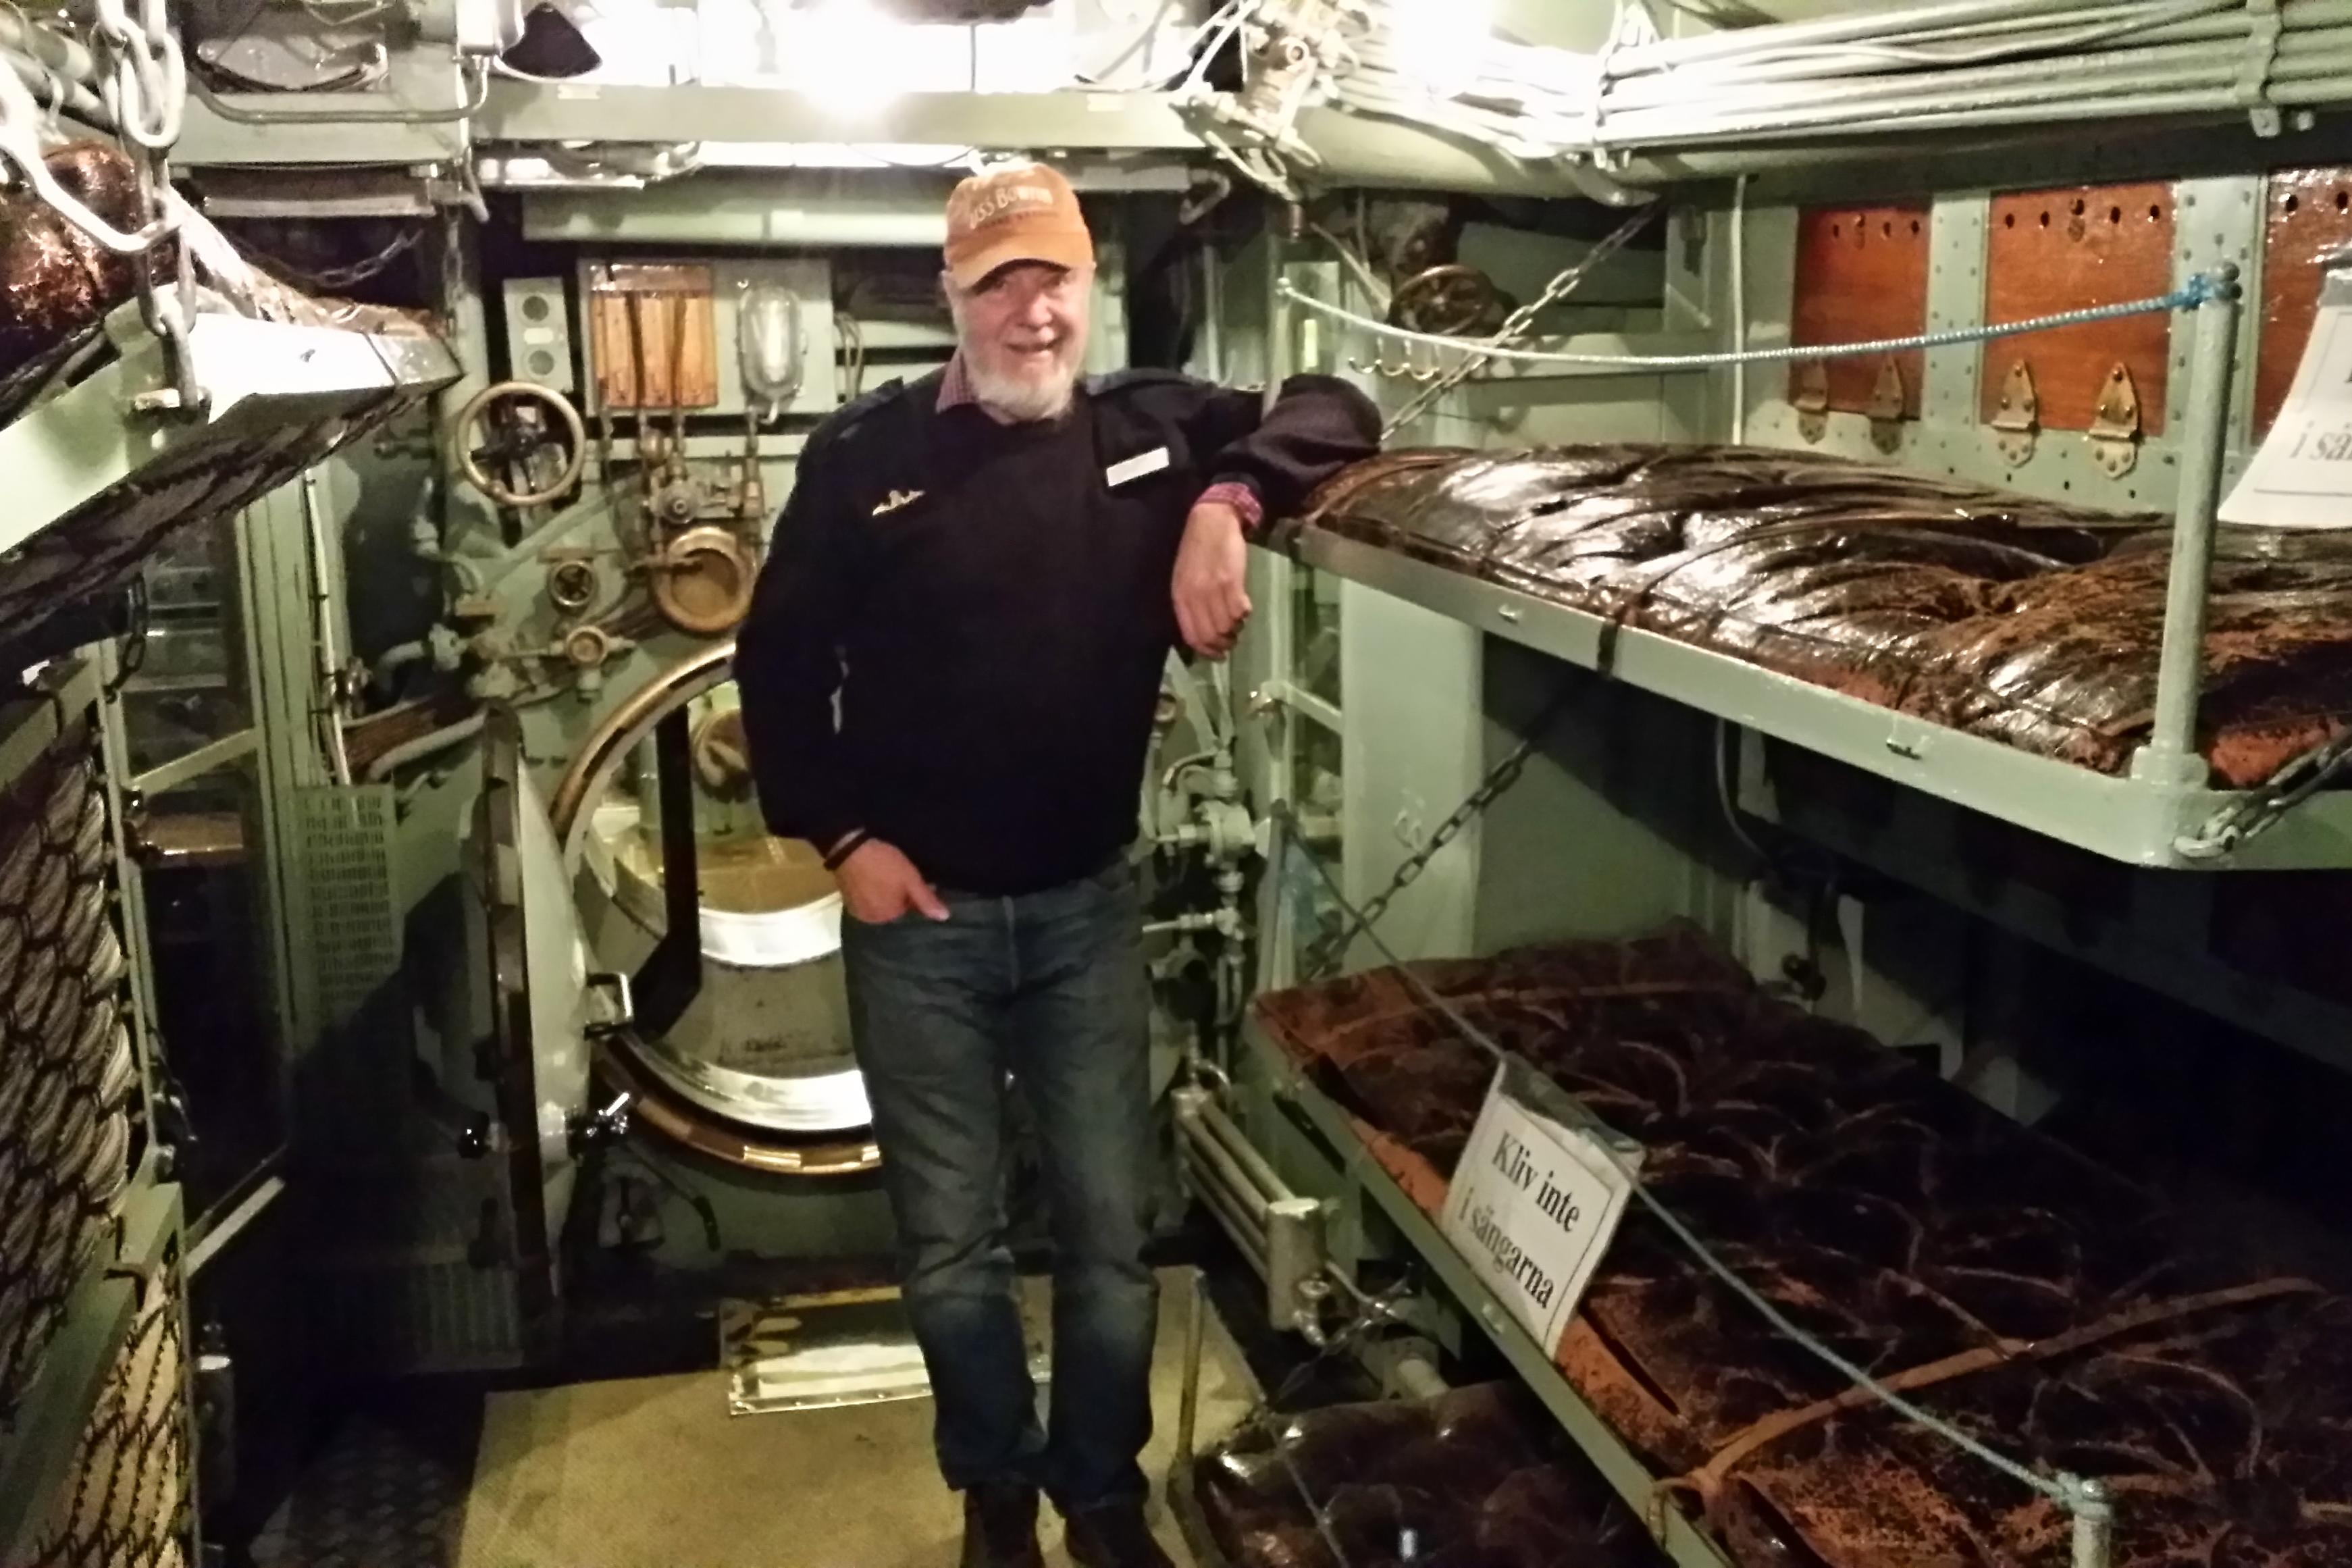 Komandér Magnus Odeen sloužil na řadě ponorek. teď je v důchodu a po ponorce provádí návštěvníky muzea